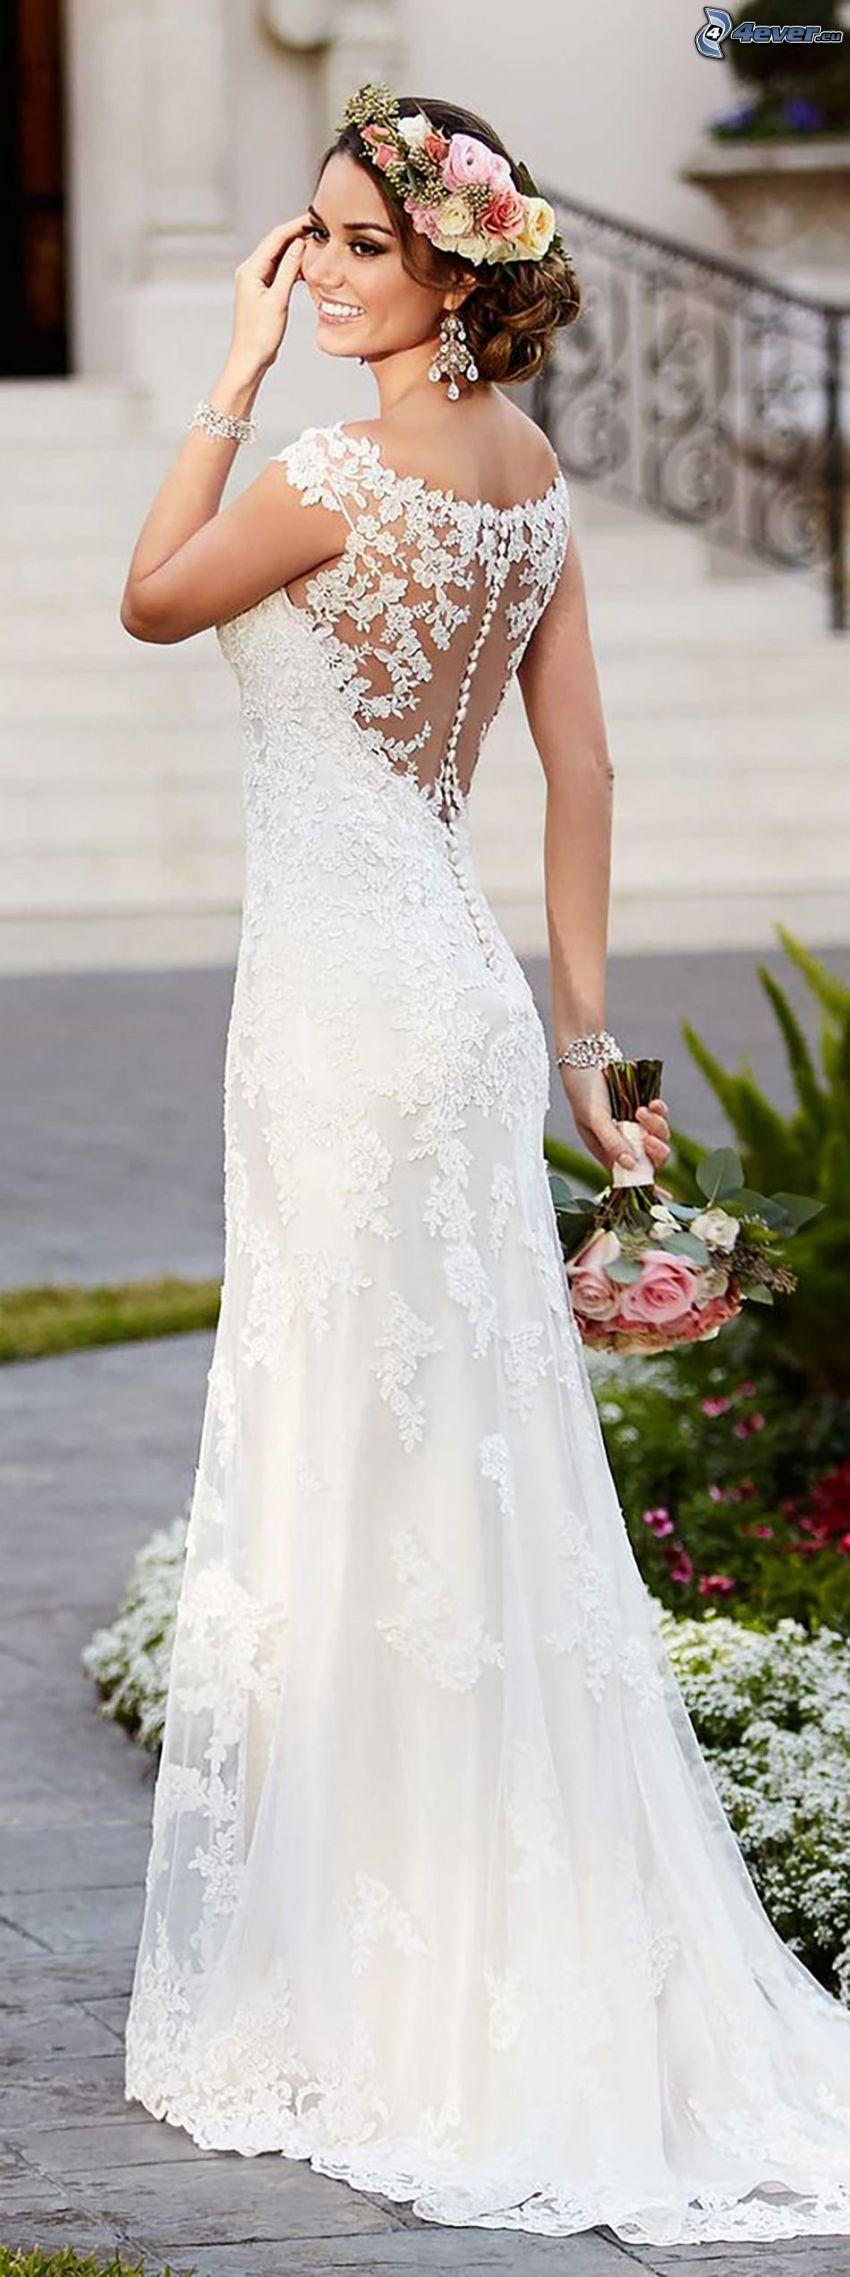 abito da sposa, sposa, bouquet di nozze, fascia capelli